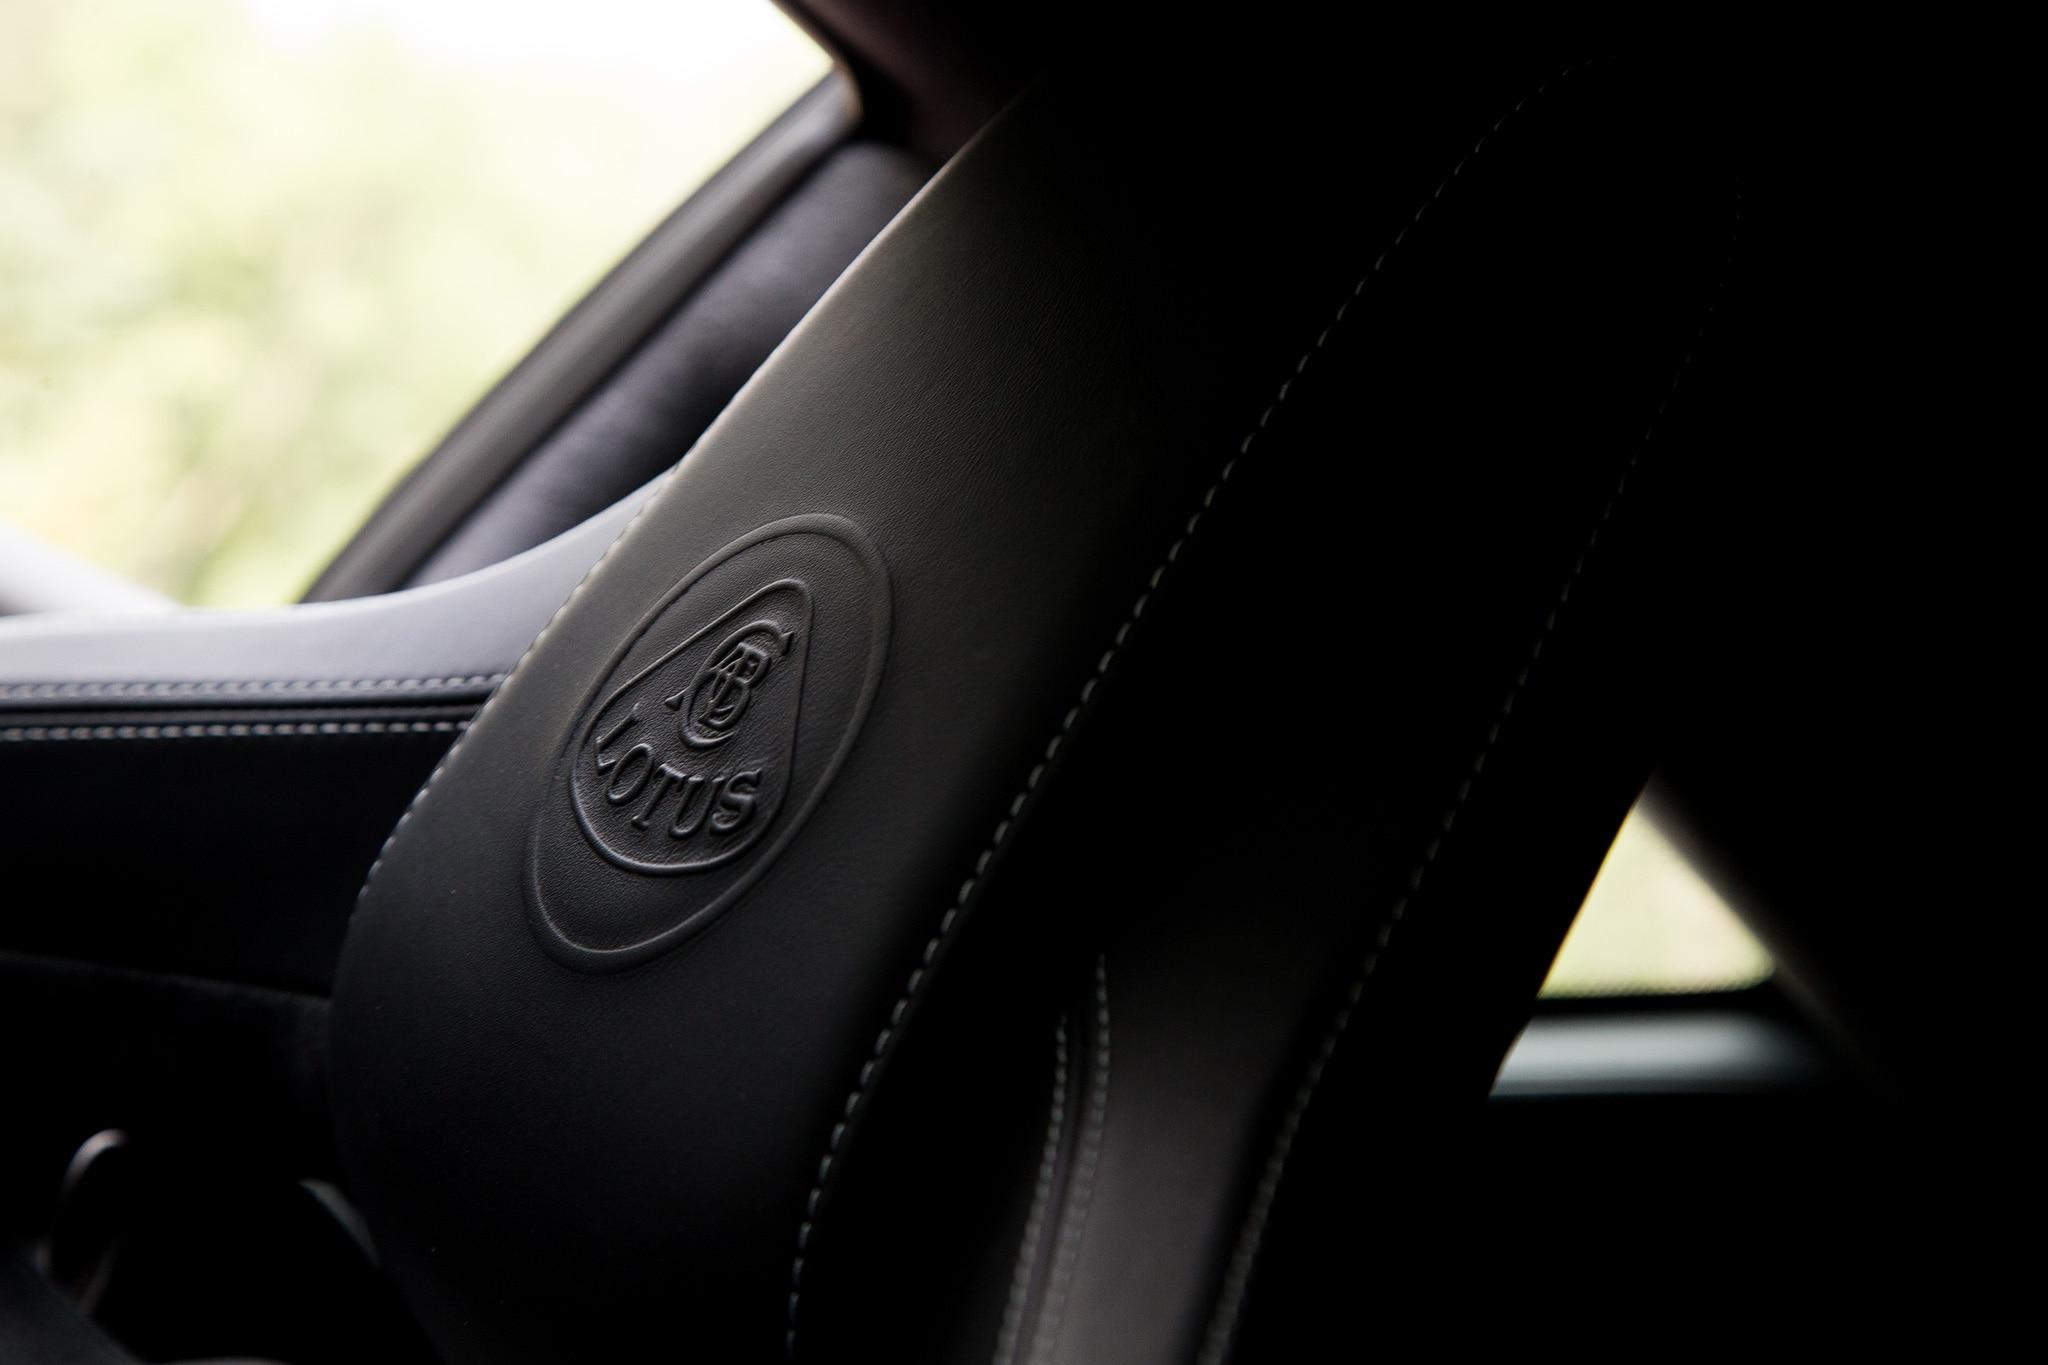 2017 Lotus Evora 400 Seat Detail 02